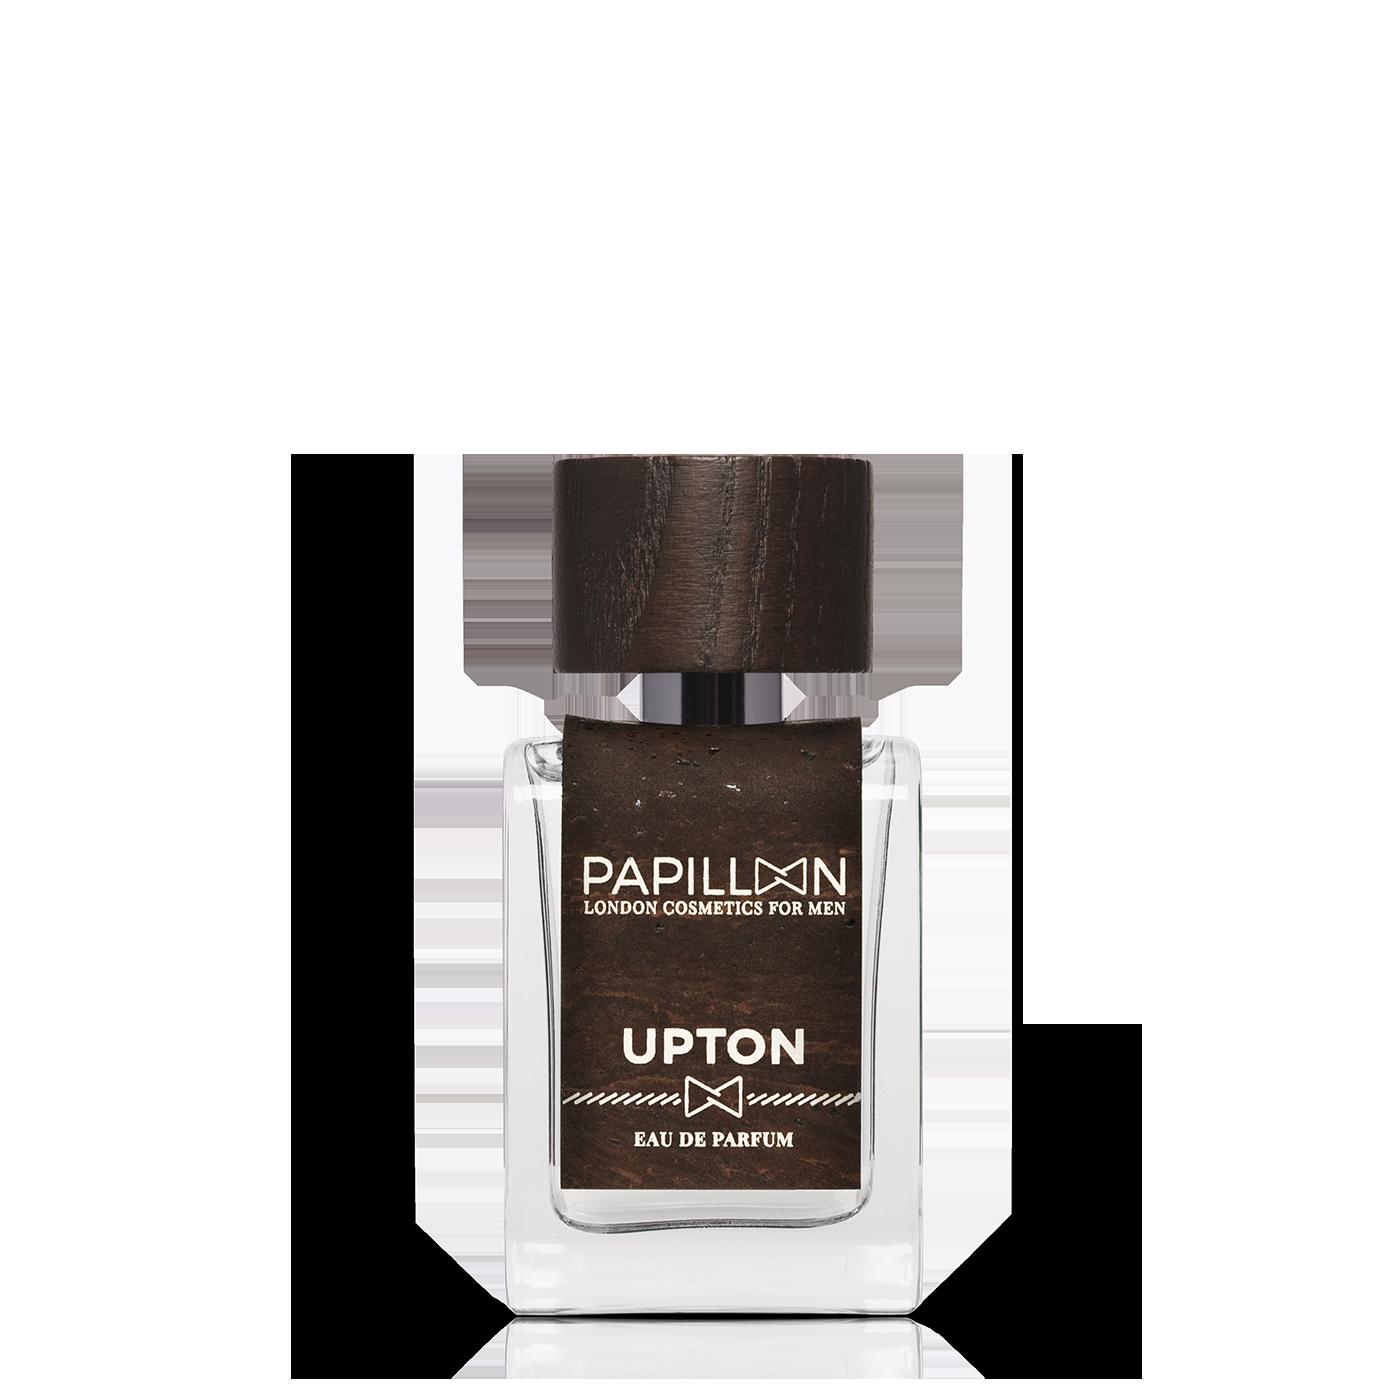 Papillon - Upton Eau de Parfum 50ml